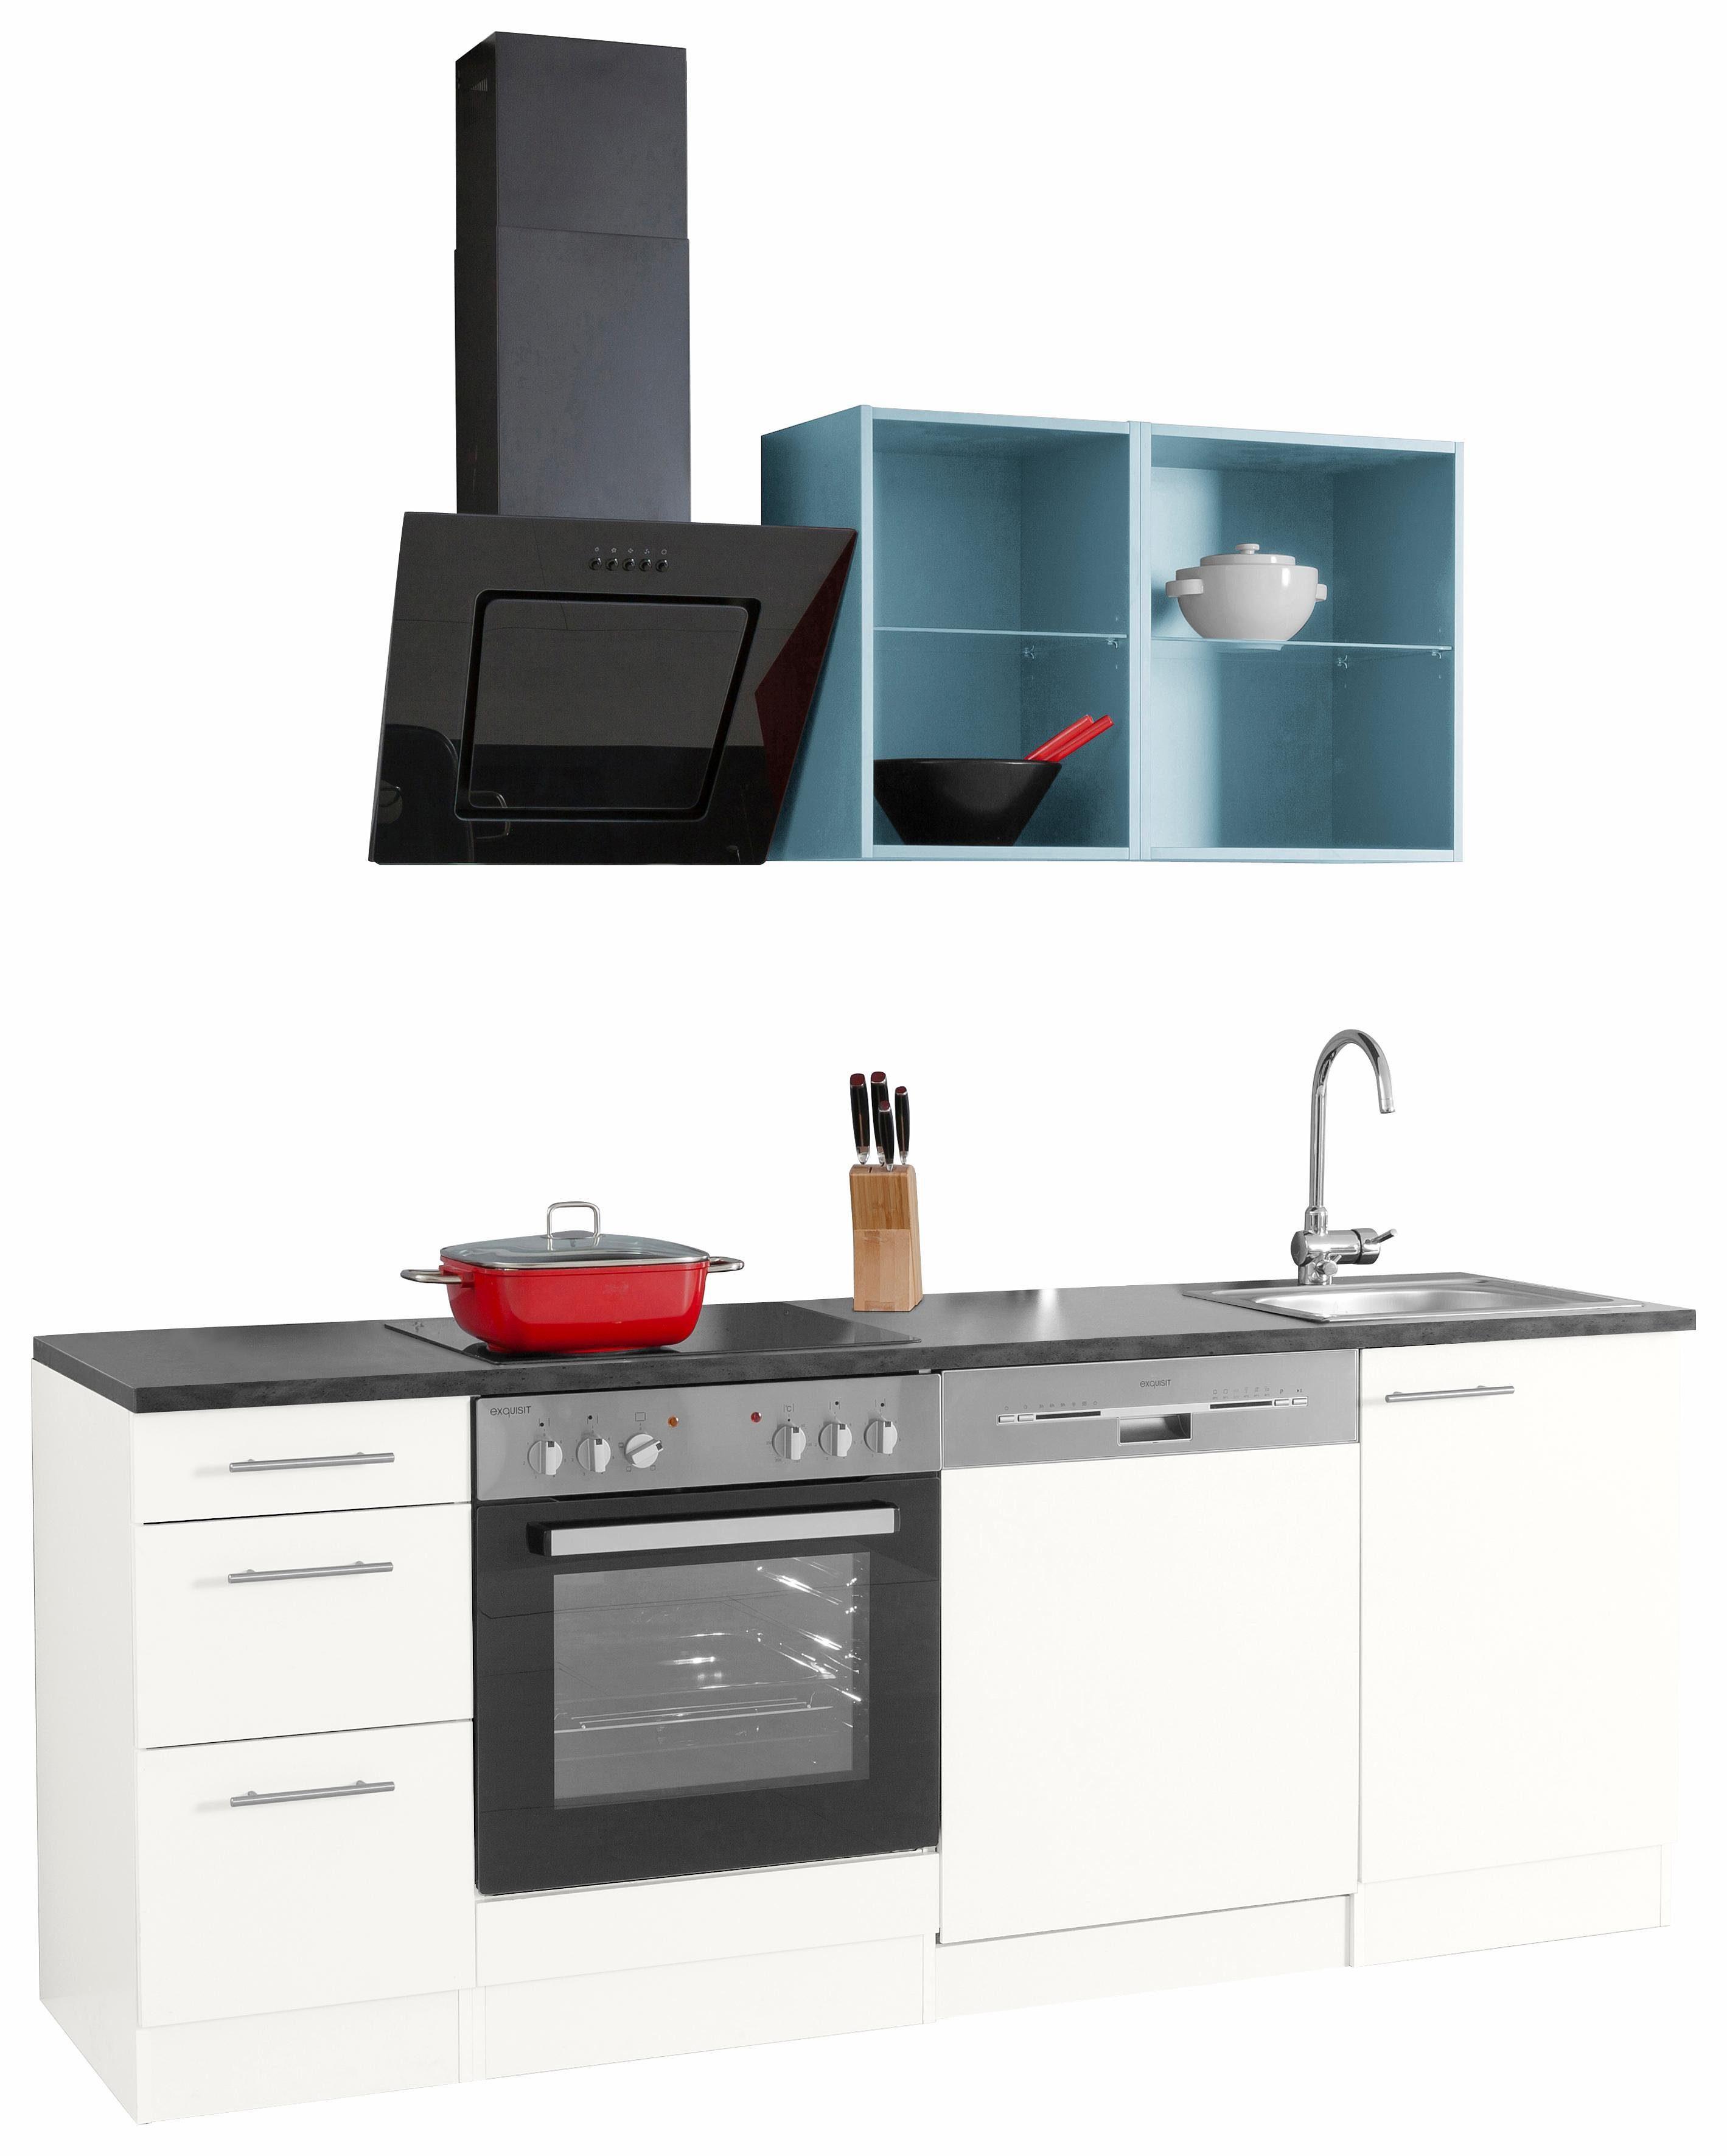 Hervorragend Singleküche & Miniküchen online kaufen | OTTO PK93